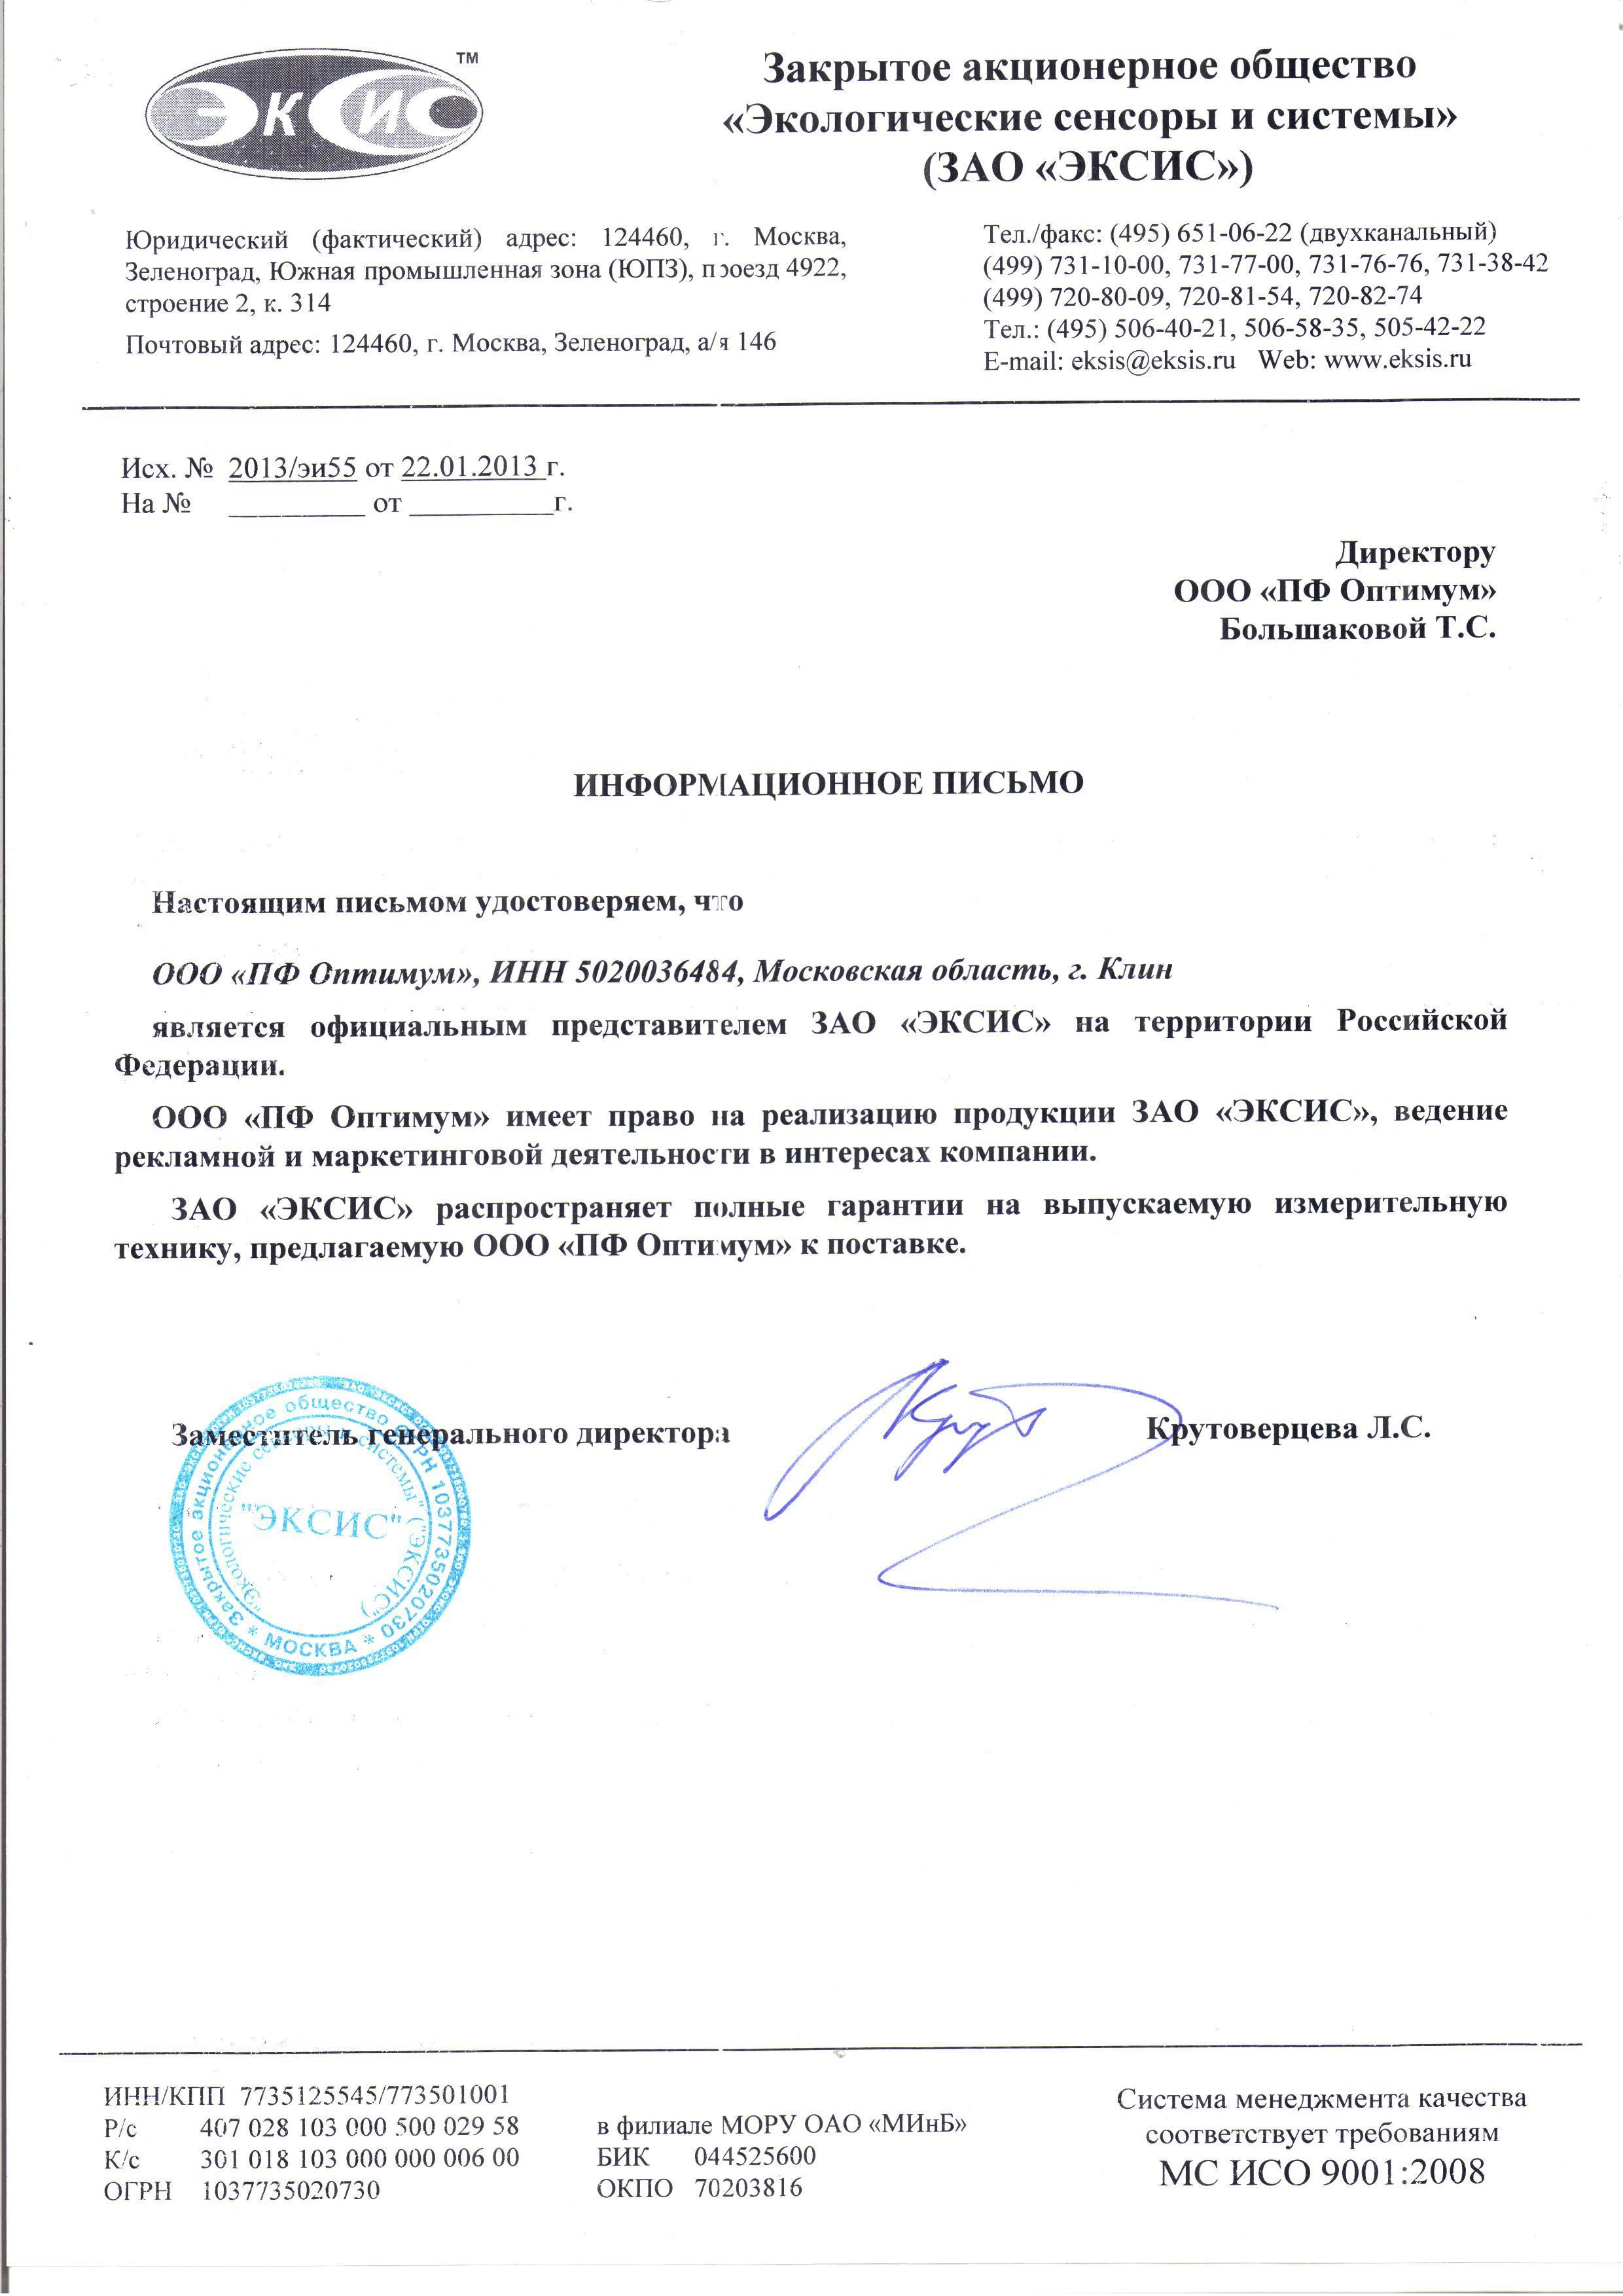 образец письма об официальном представительстве